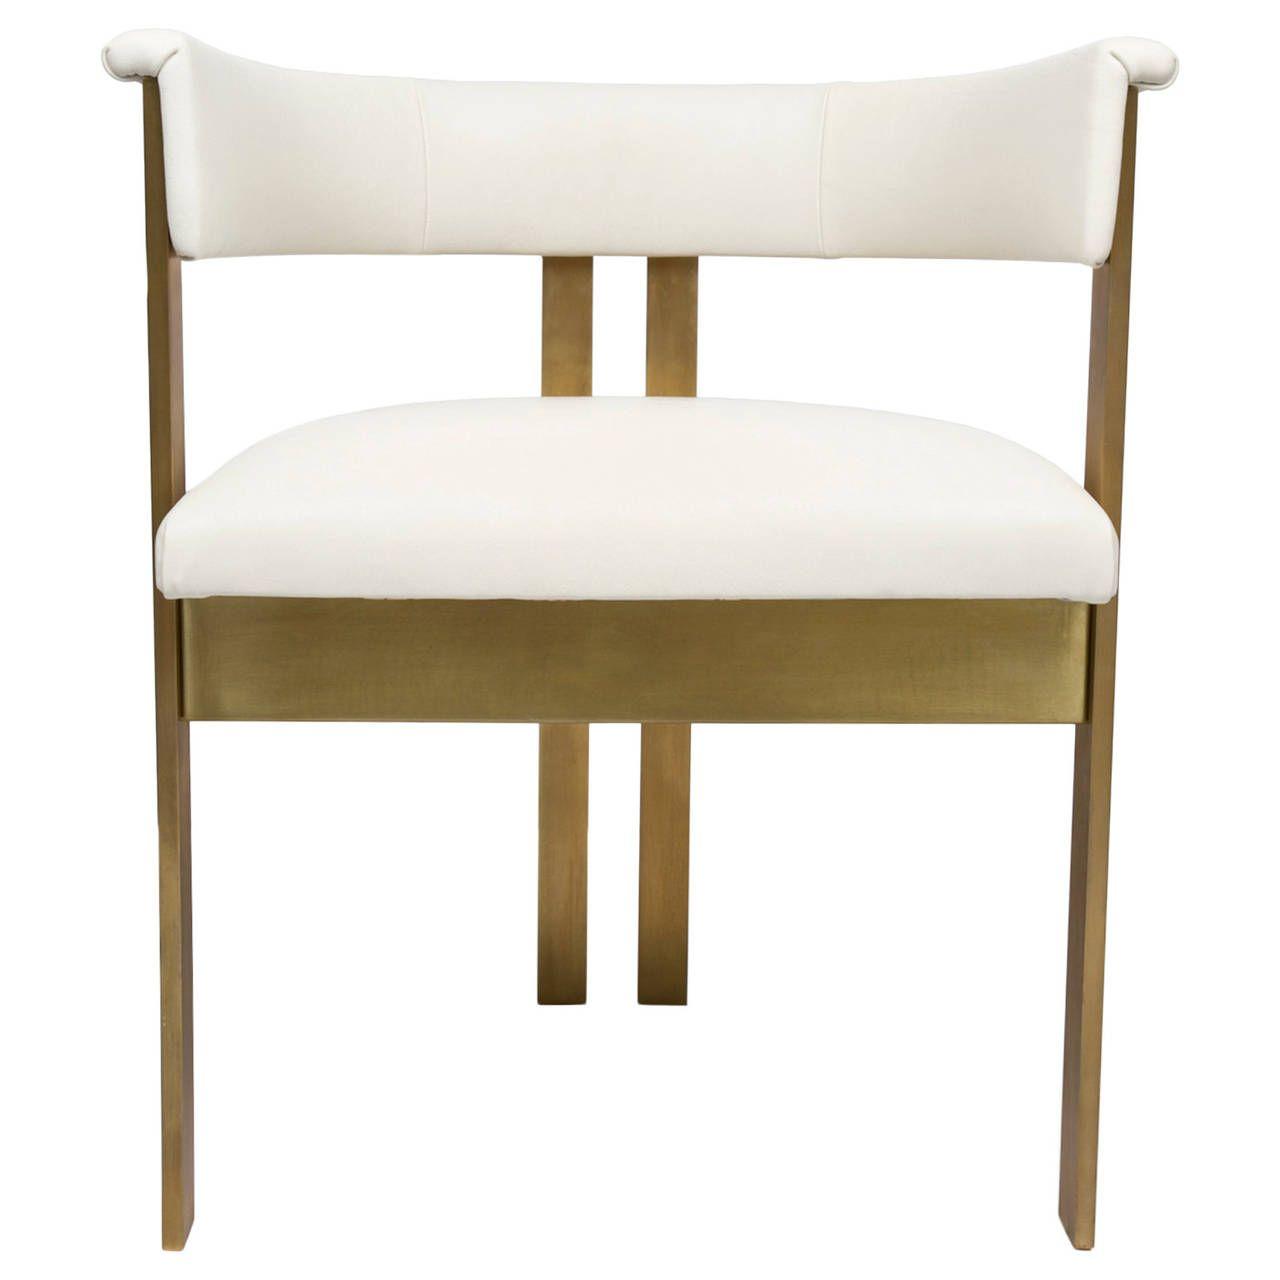 Dining Room Projects By Kelly Wearstler: Kelly Wearstler Elliott Chair